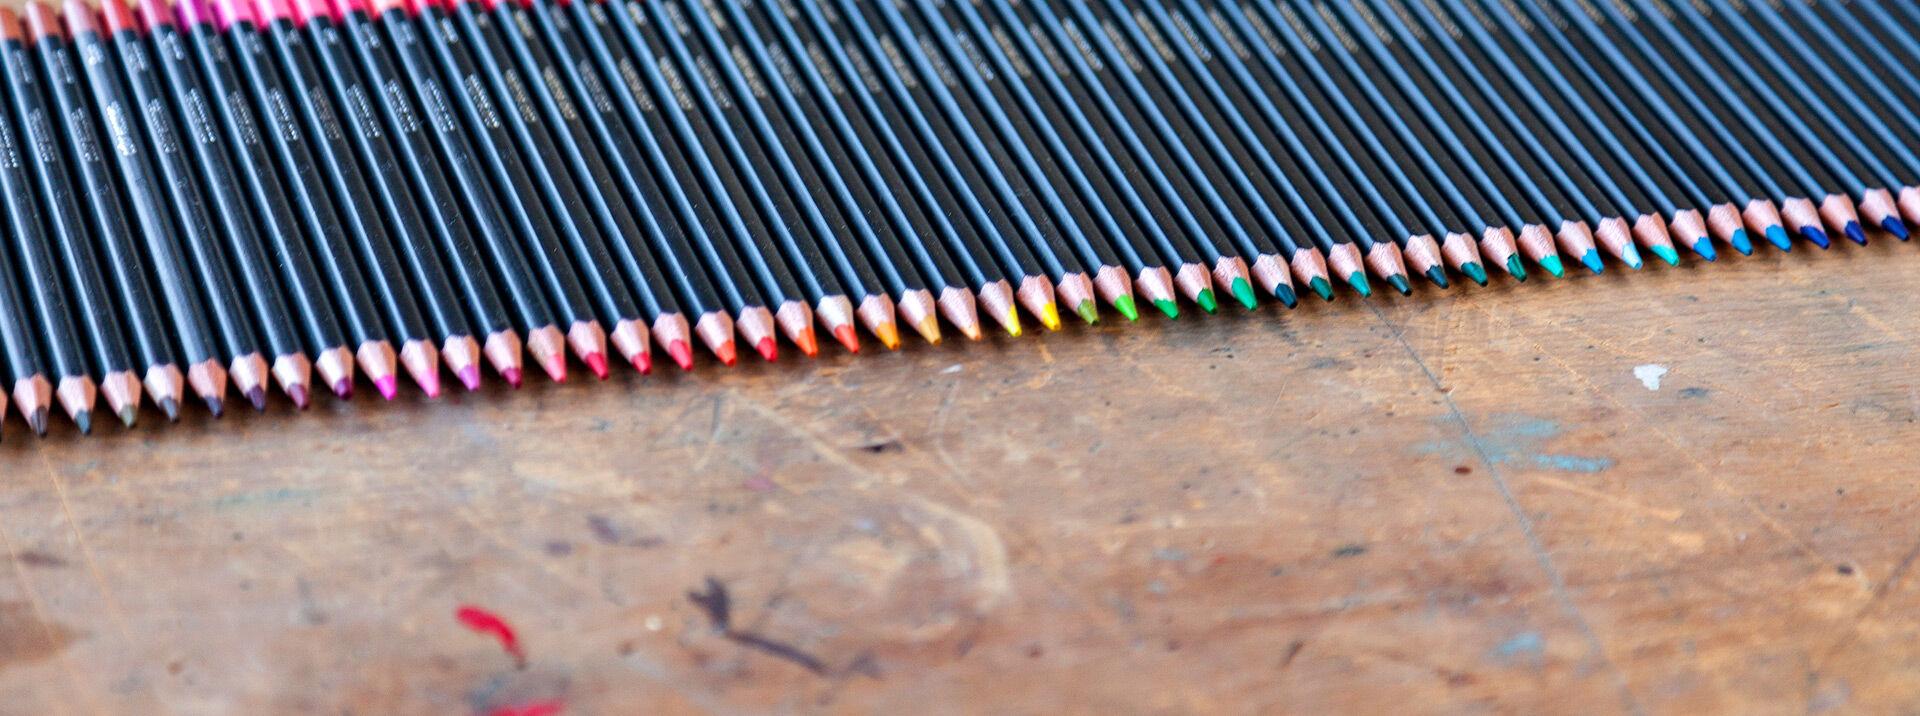 Crayola Color Escapes - Adult Coloring Kits | Crayola 14.5.0.8